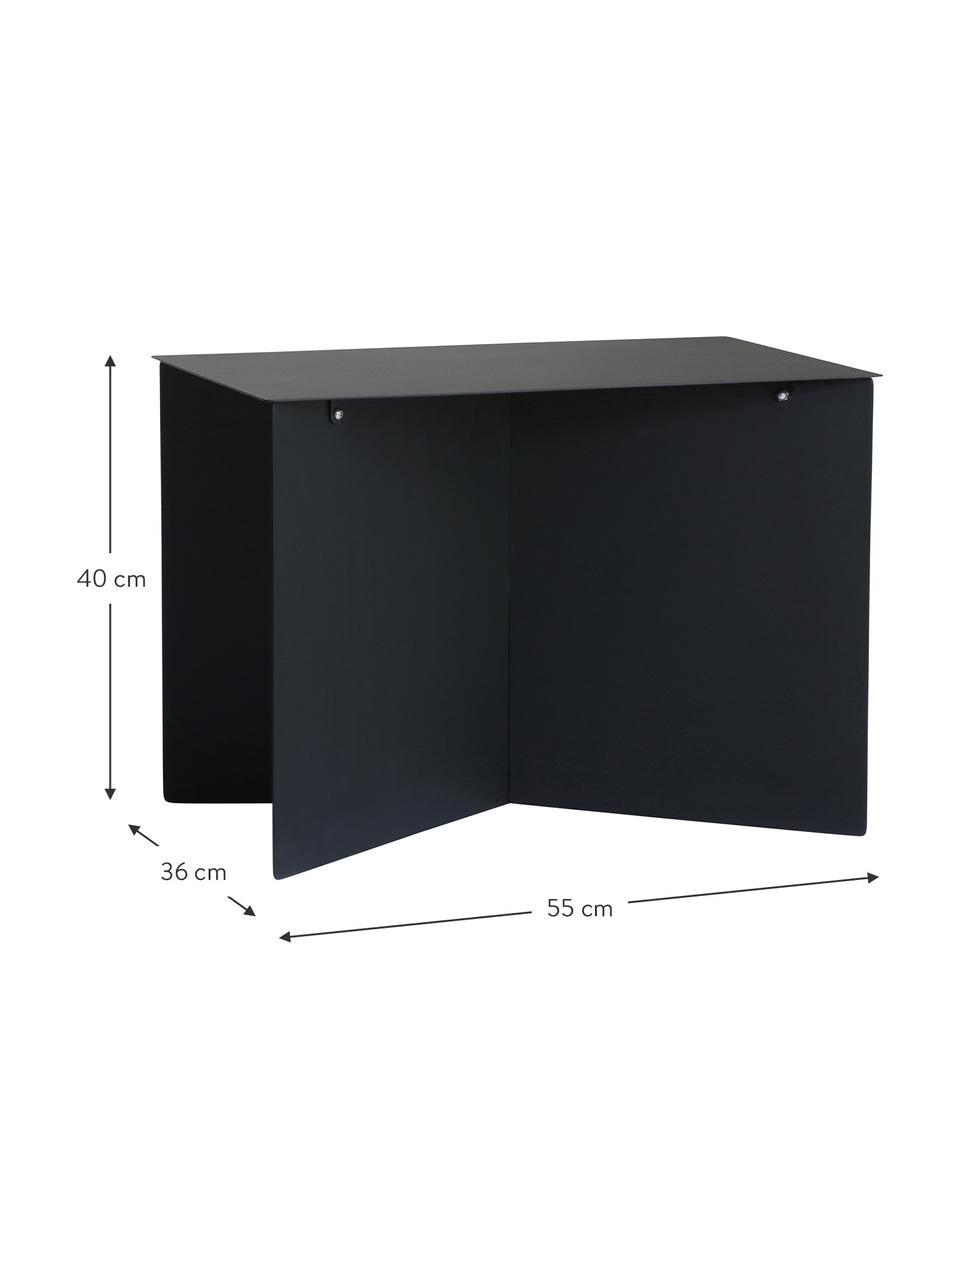 Metall-Couchtisch Dinga in Schwarz, Metall, pulverbeschichtet, Schwarz, 55 x 40 cm